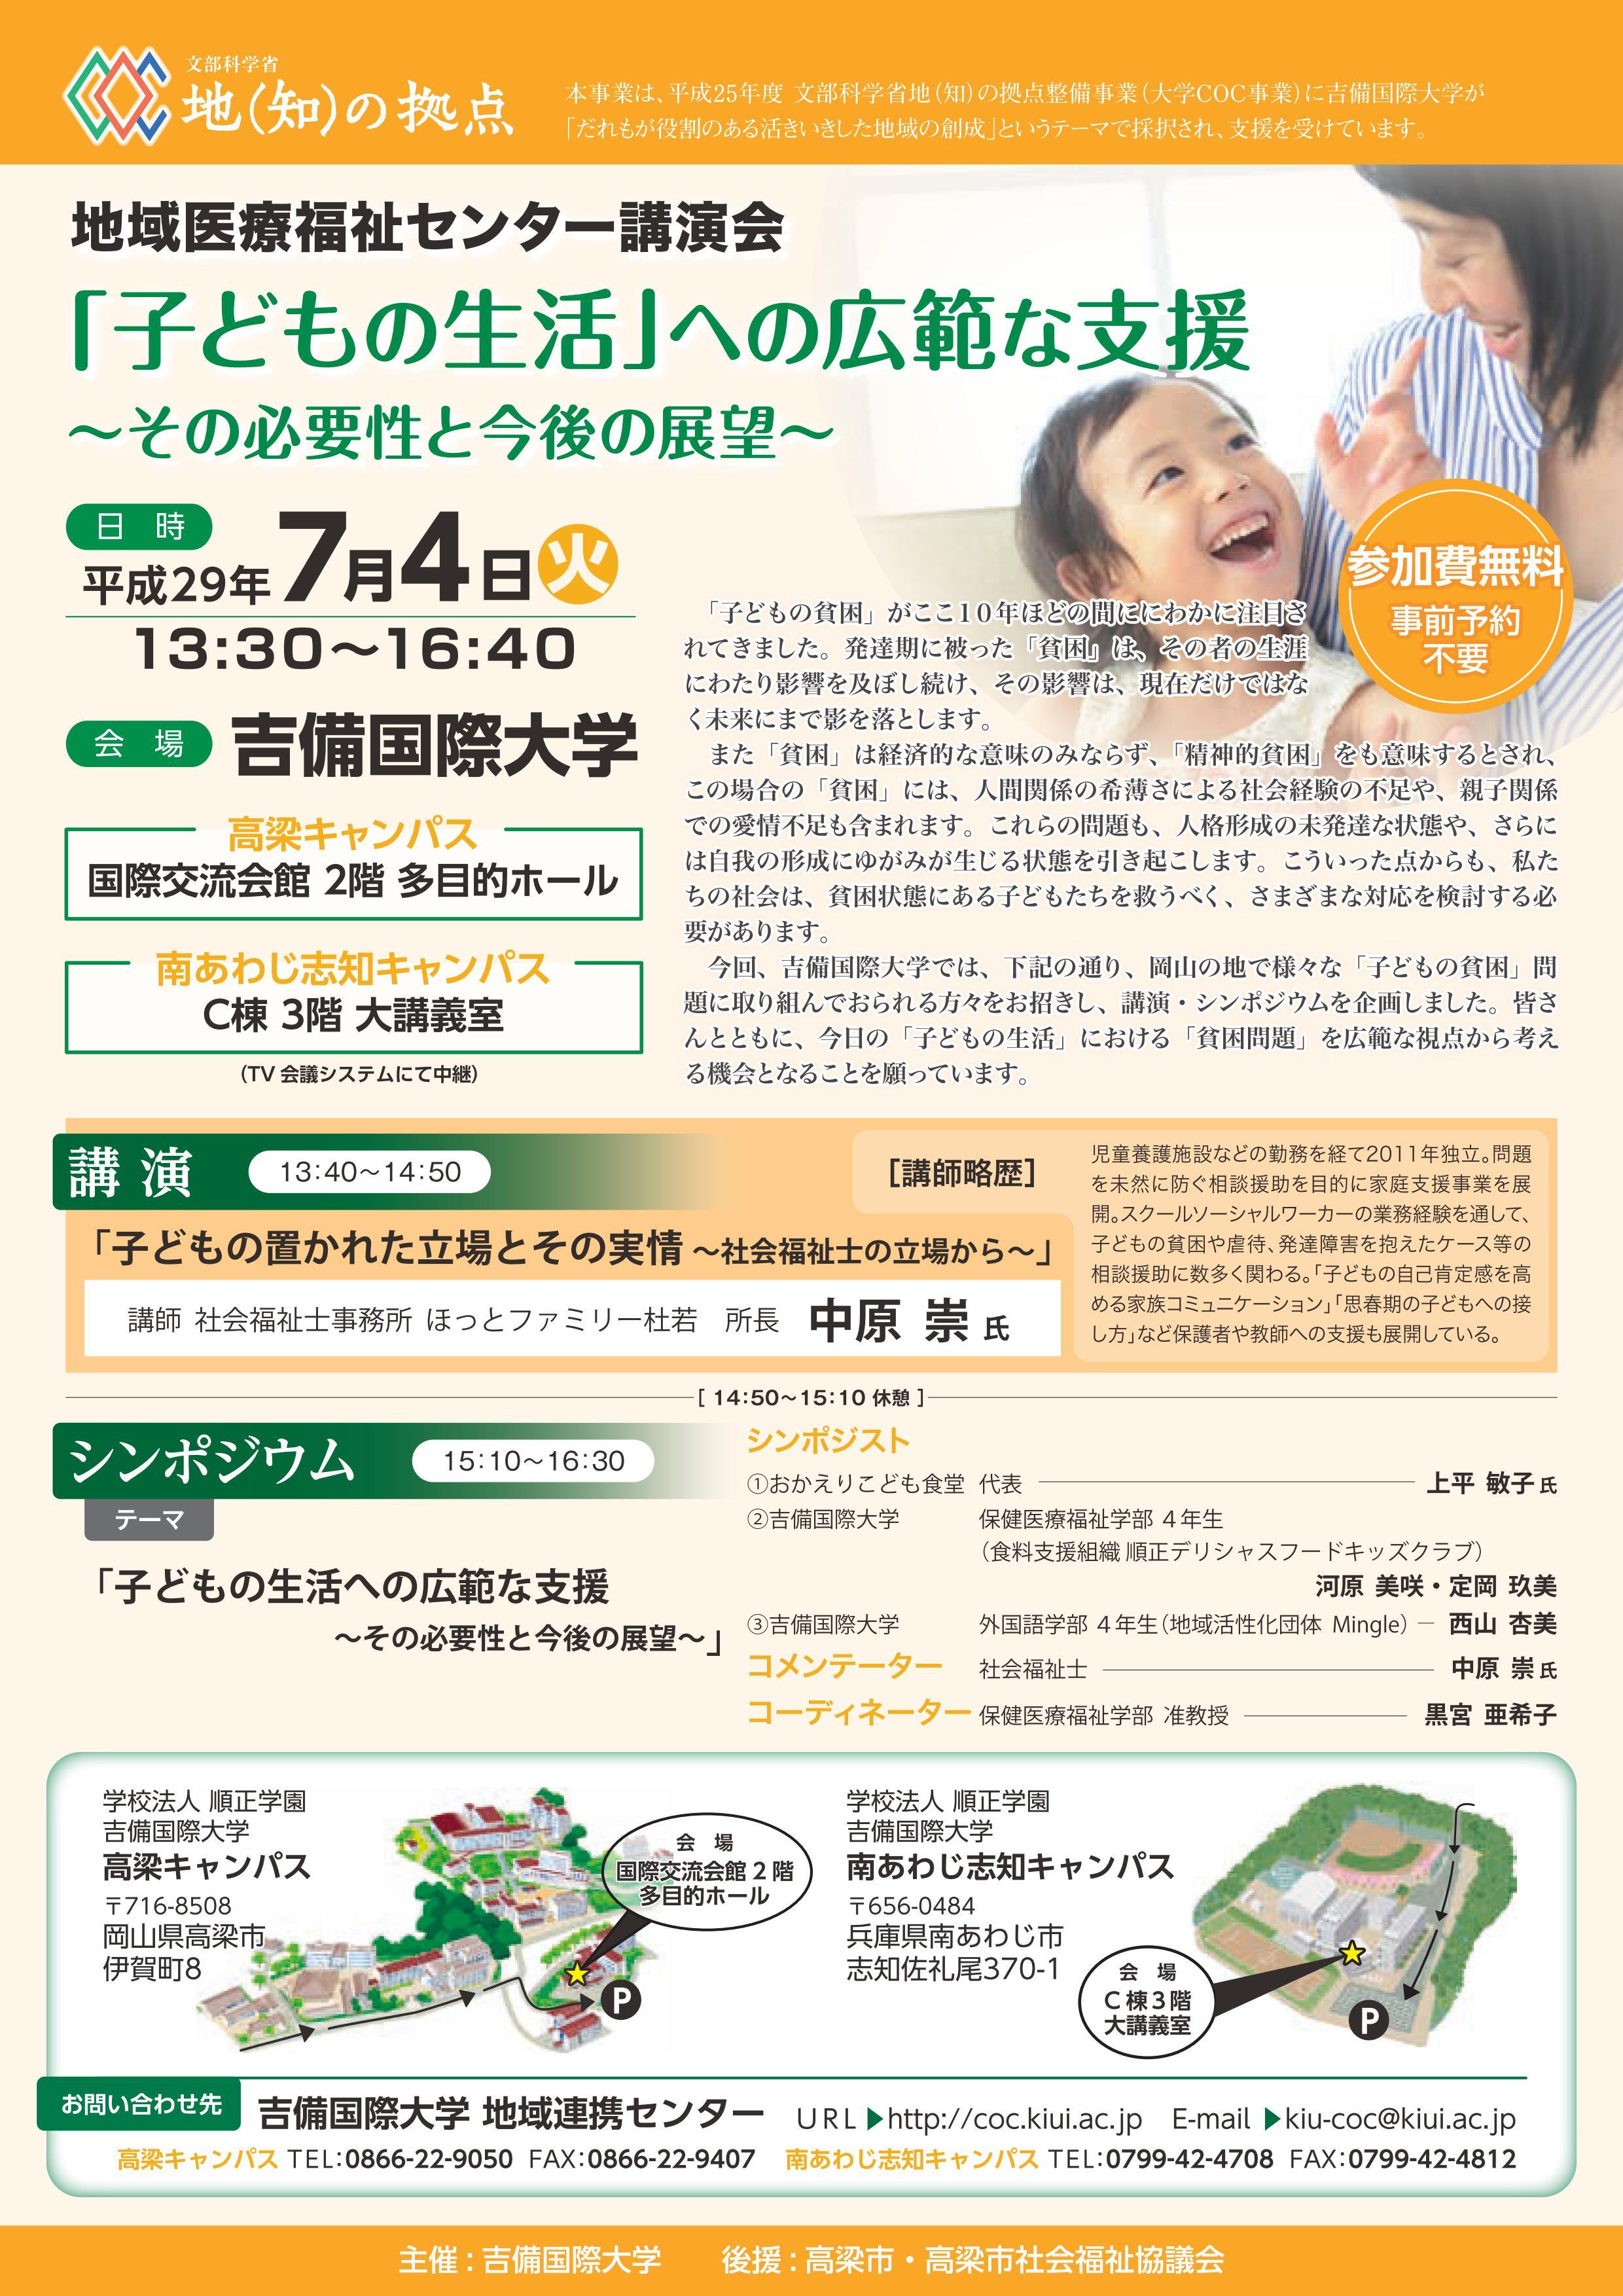 地域医療福祉センター講演会「子どもの生活」への広範な支援~その必要性と今後の展望~